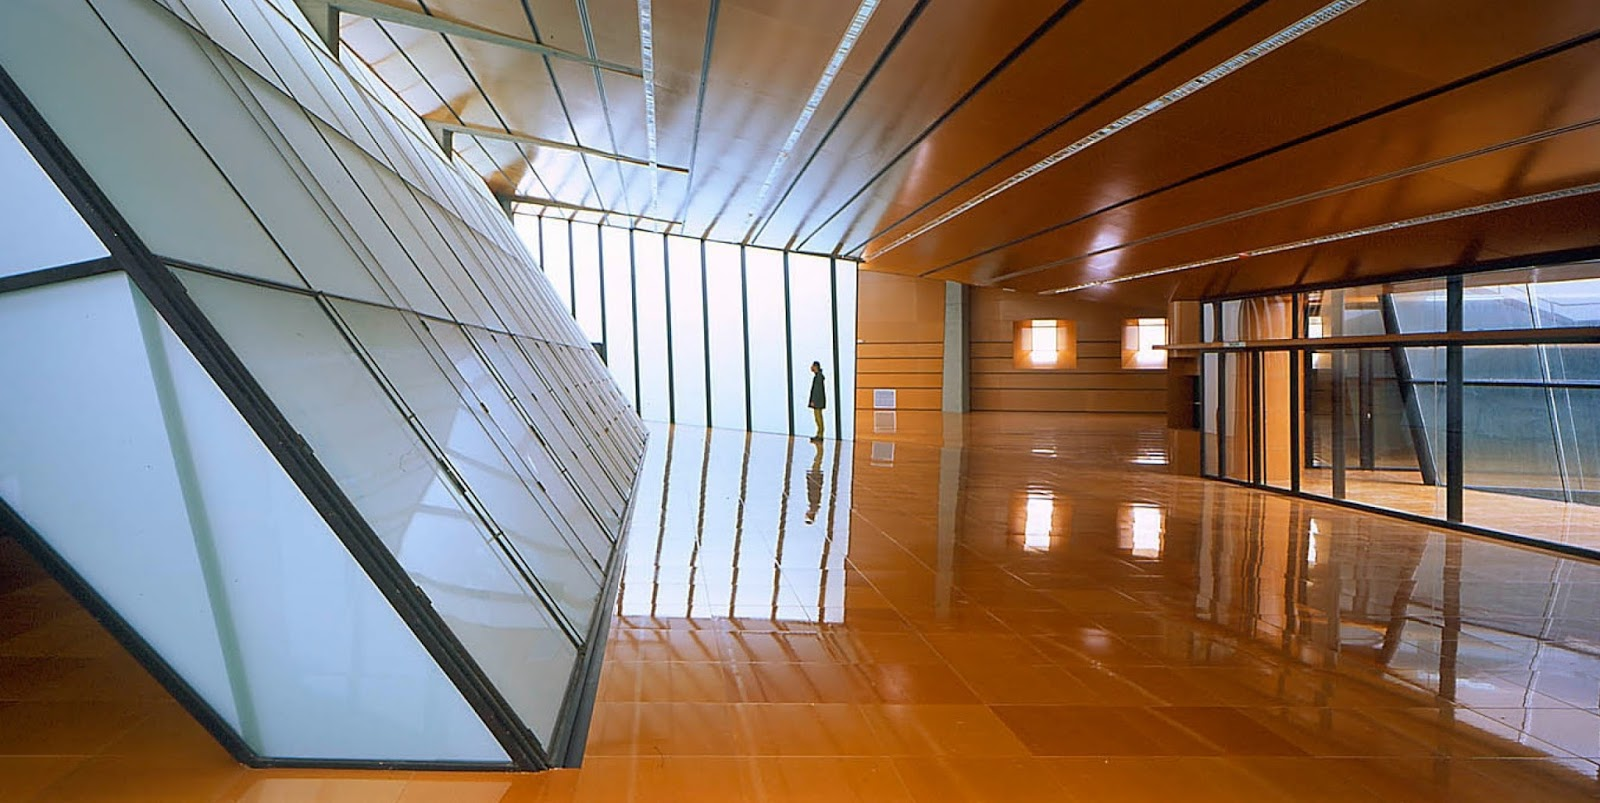 Hidden architecture fuencarral public library - Caja arquitectos madrid ...